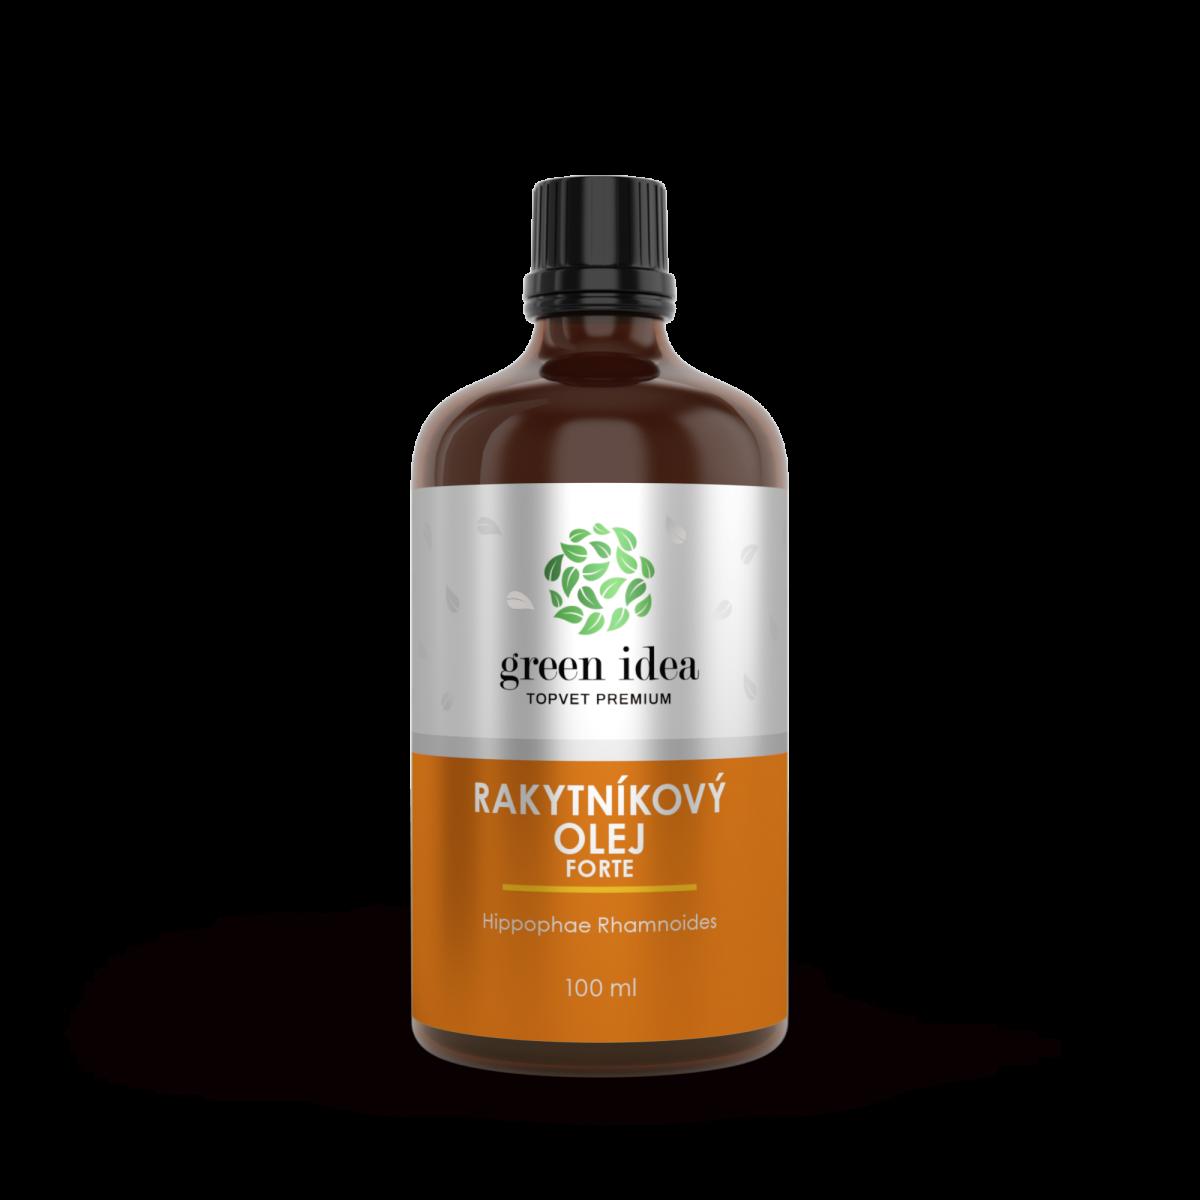 Rakytníkový bylinný olej forte